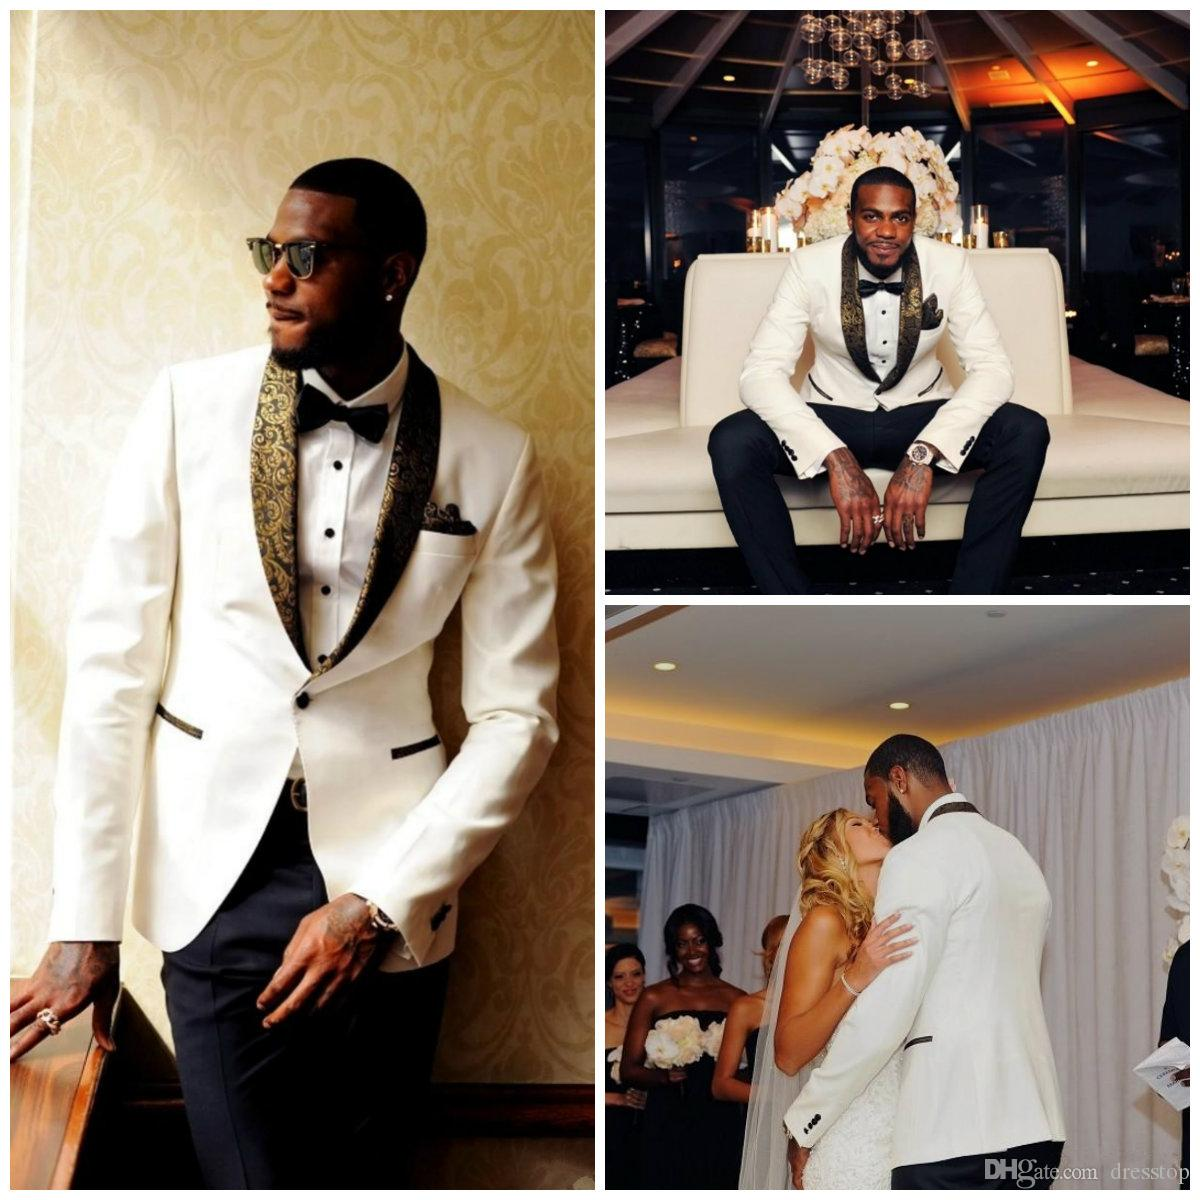 잘 생긴 백인 남성 결혼식 정장 슬림 맞는 신랑 턱시도 싼 신랑 들러리 양복 두 조각 정장 재킷 (재킷 + 바지)와 나비 넥타이